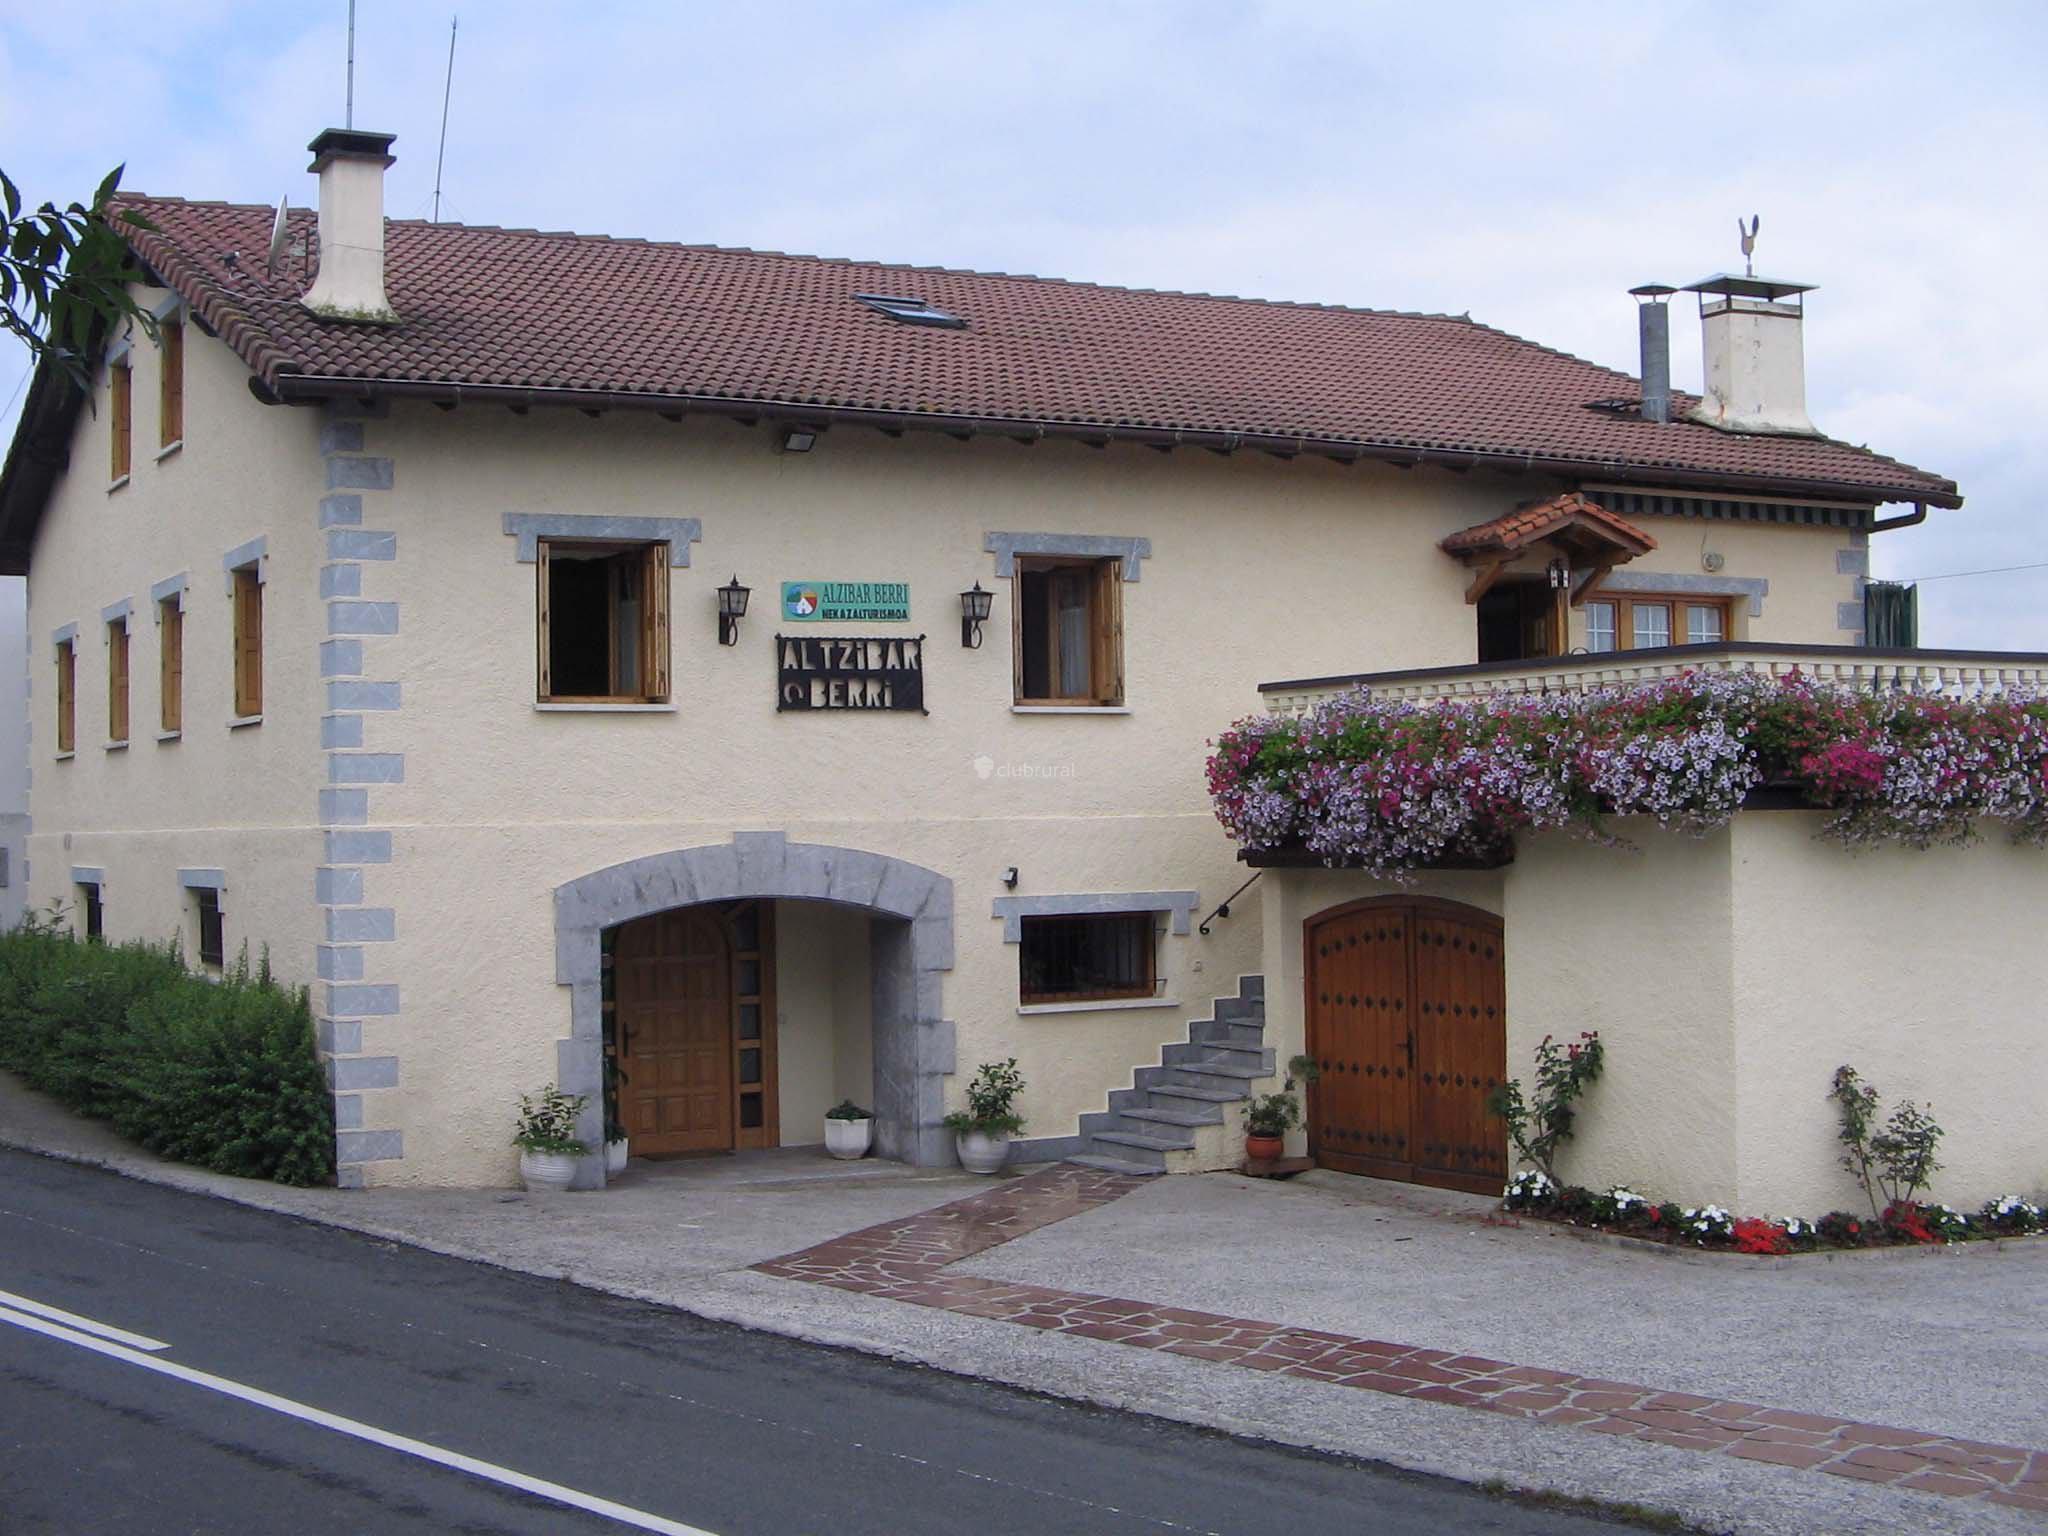 Fotos de casa rural altzibar berri guipuzcoa urnieta clubrural - Casa rural urnieta ...